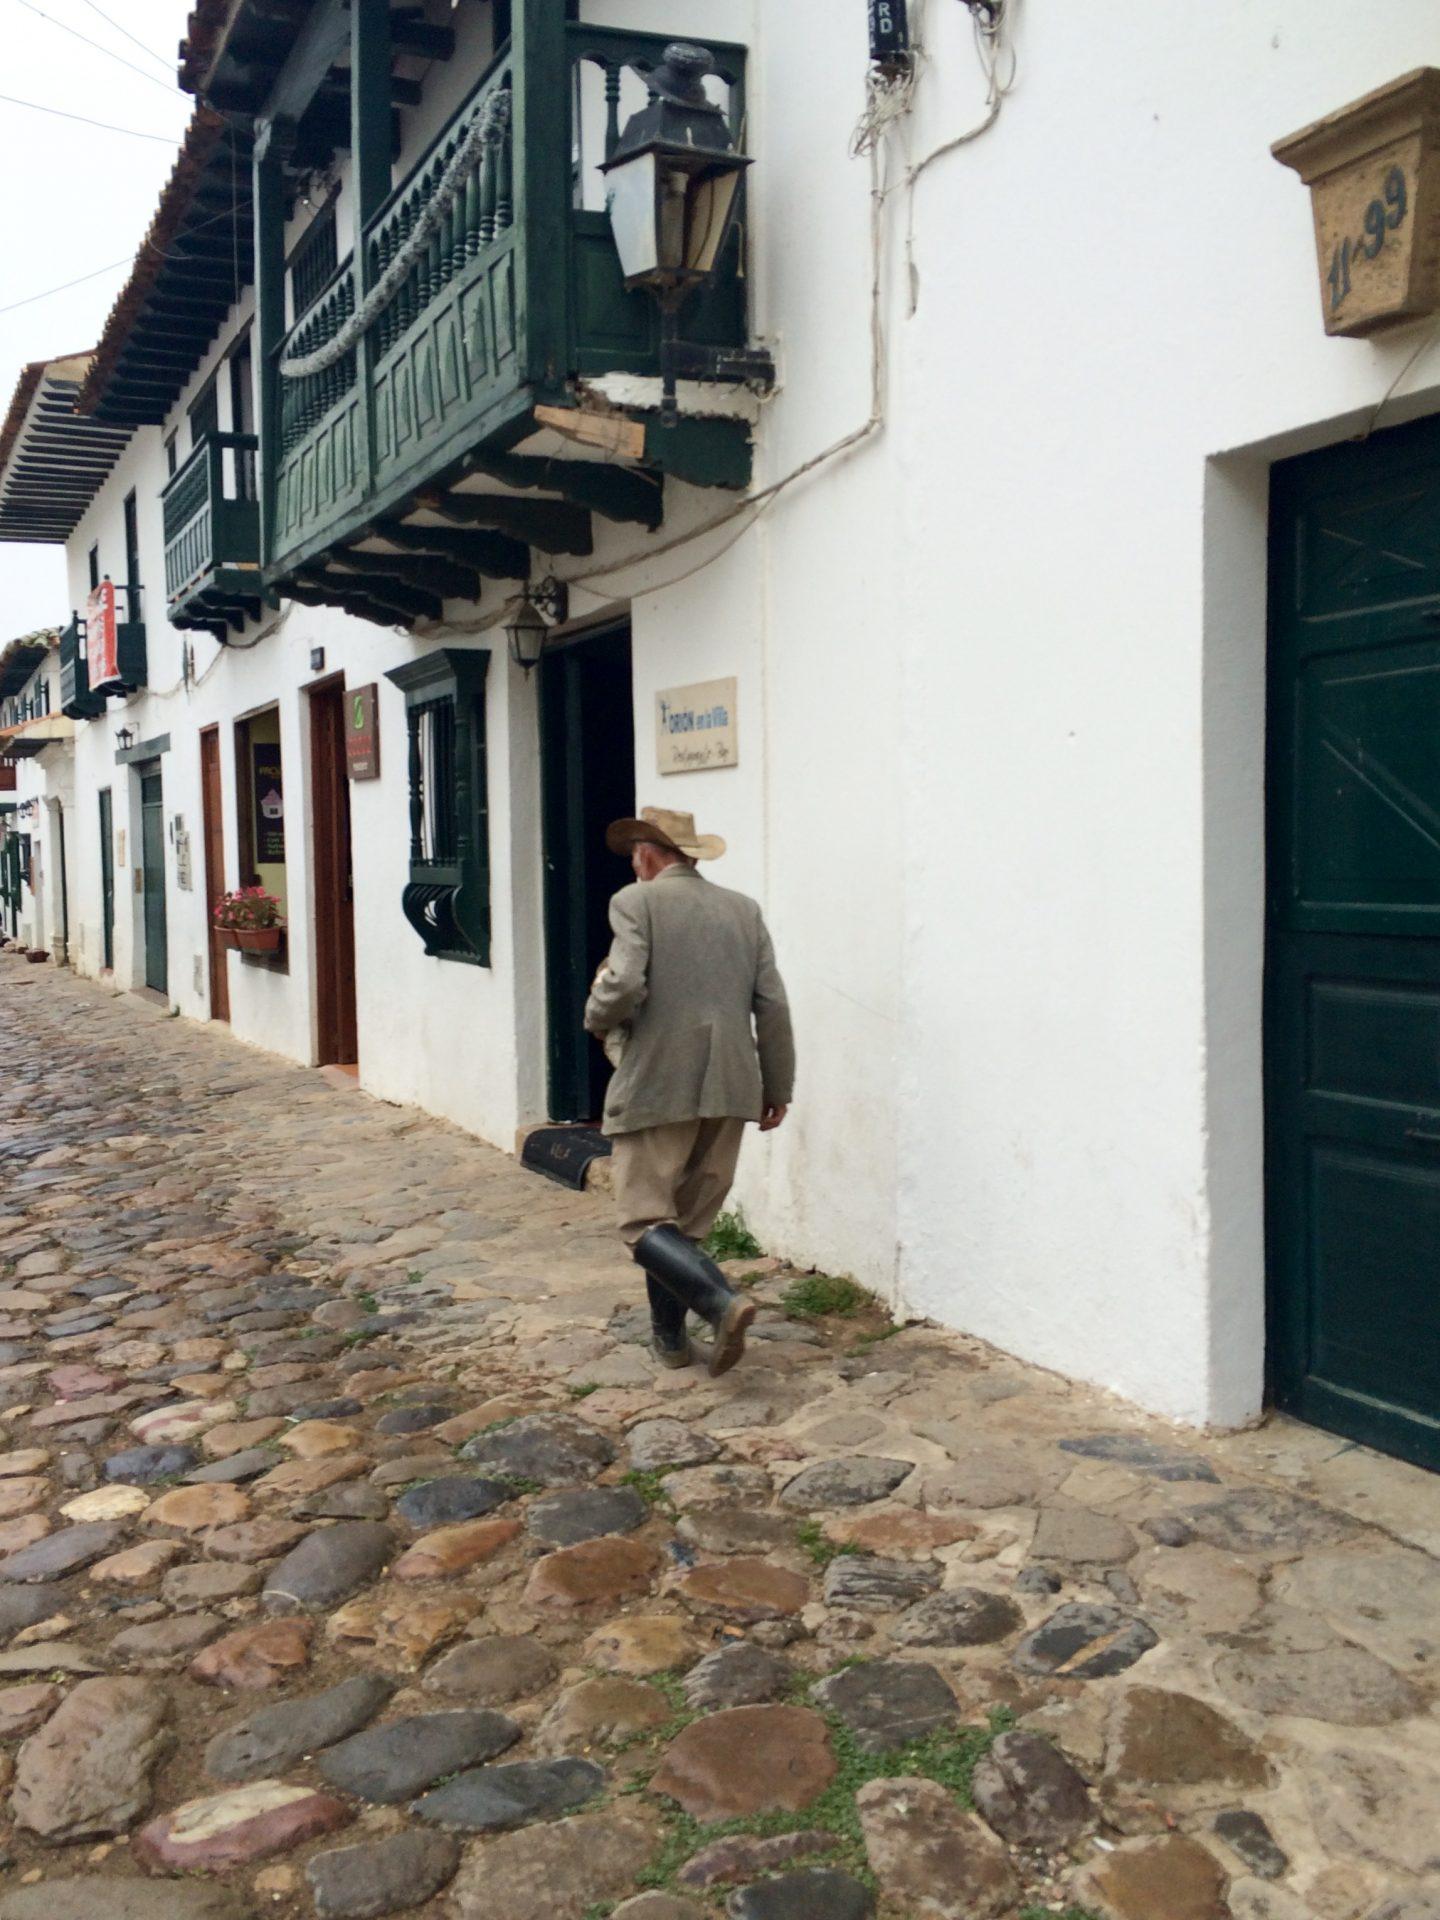 street-life-villa-de-leyva